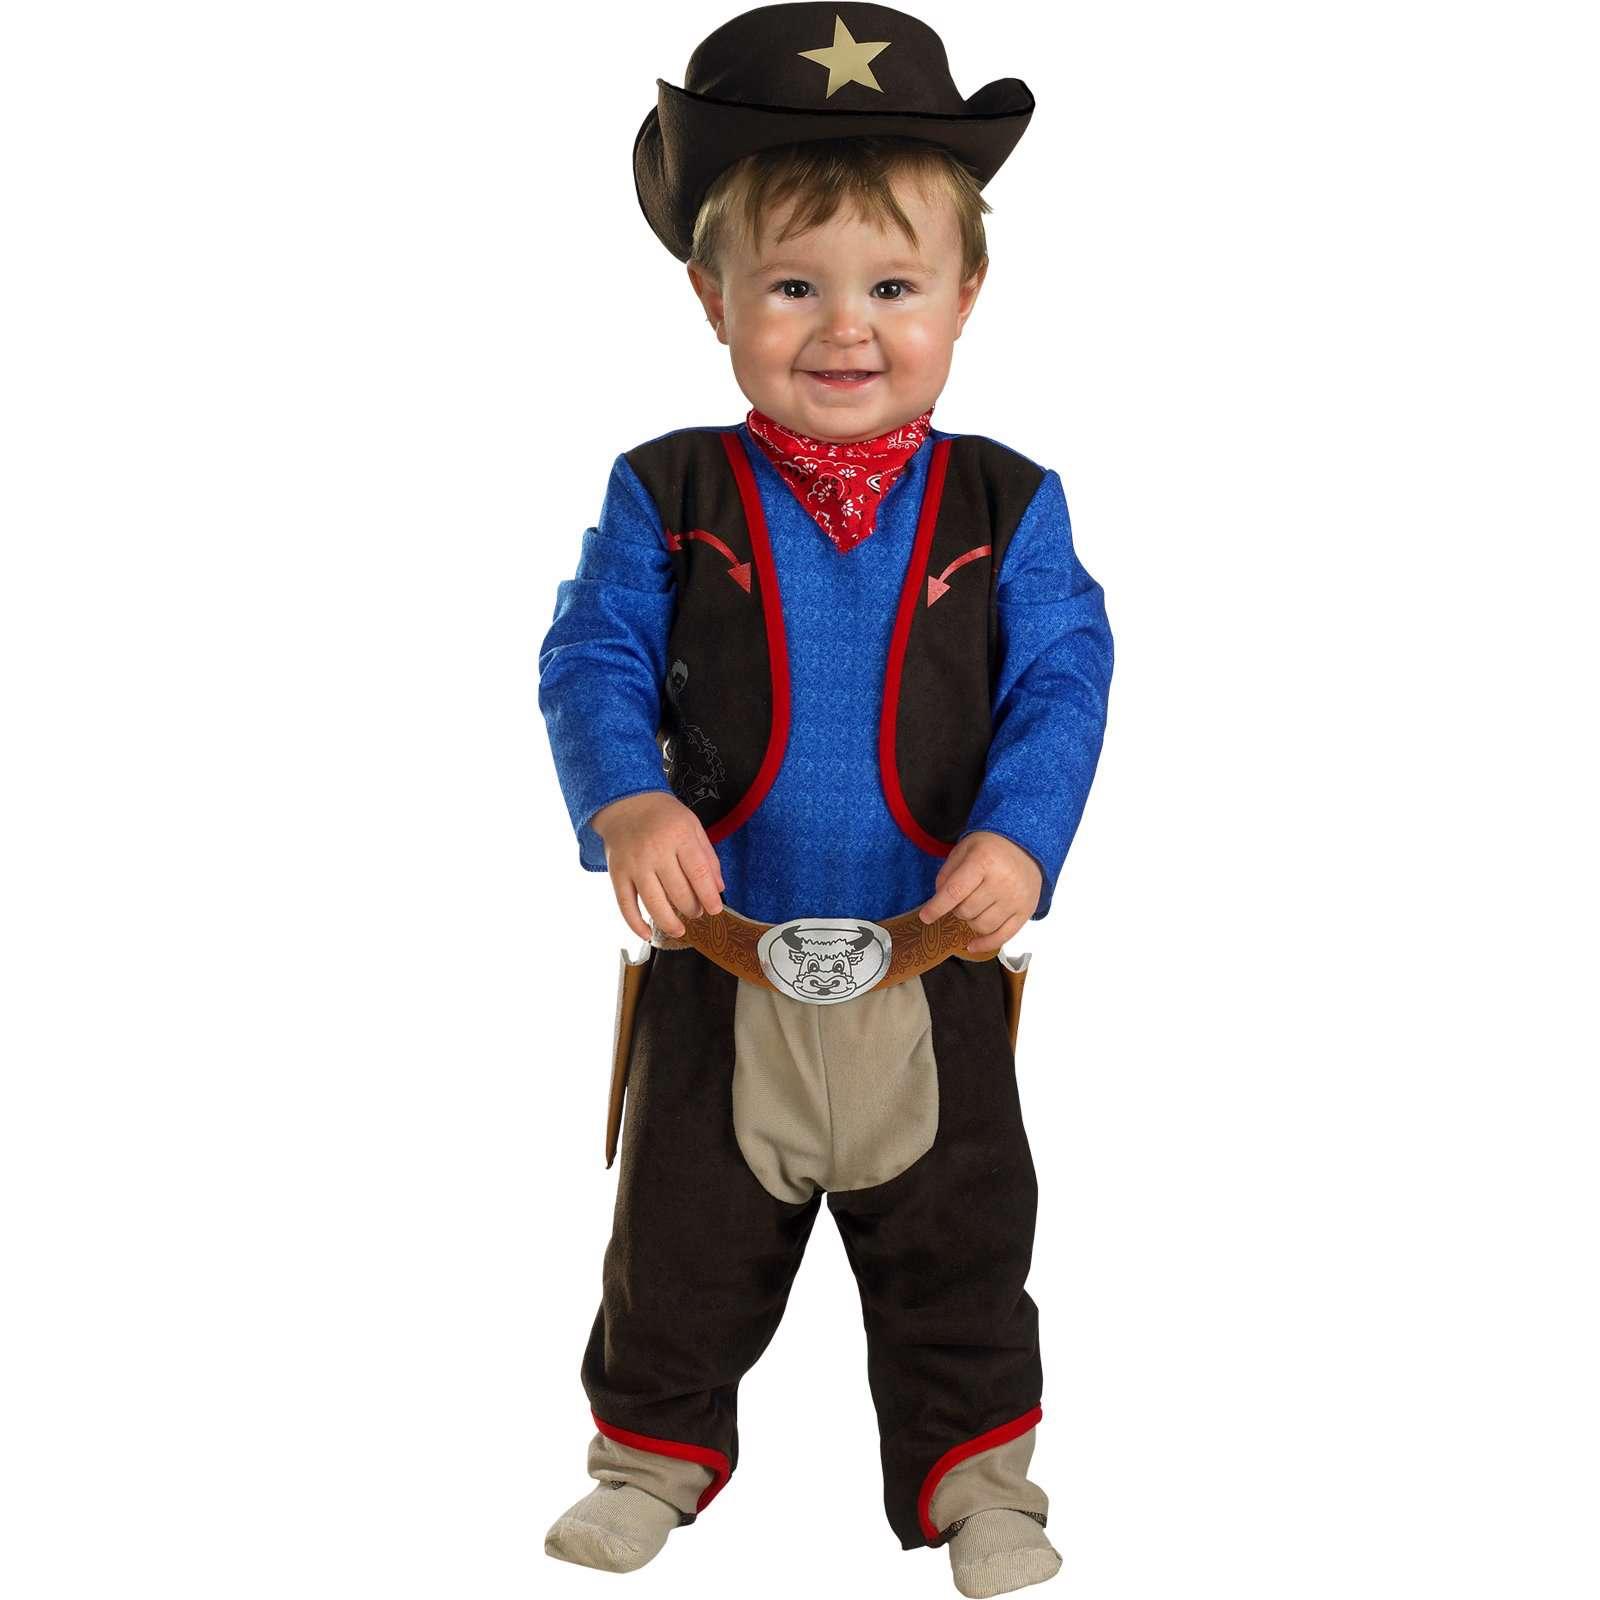 Фото новогодних костюмов для детей своими руками